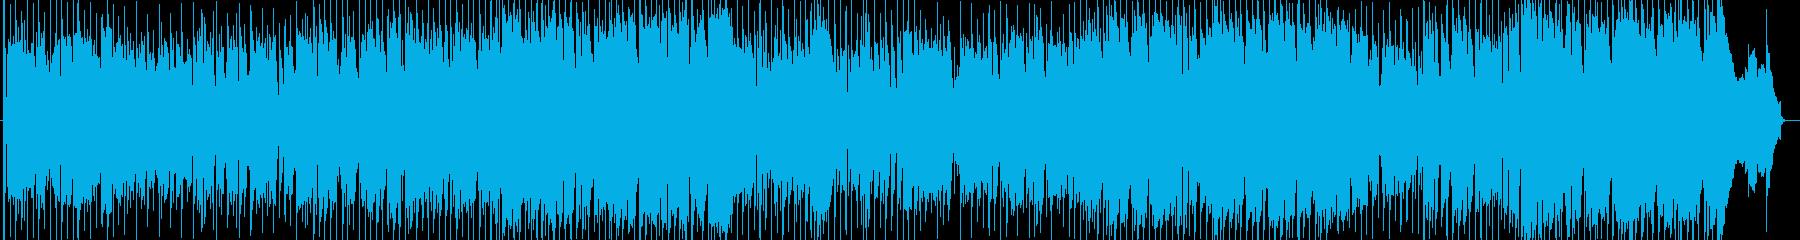 ぬくもりがあるなめらかなメロディーの再生済みの波形